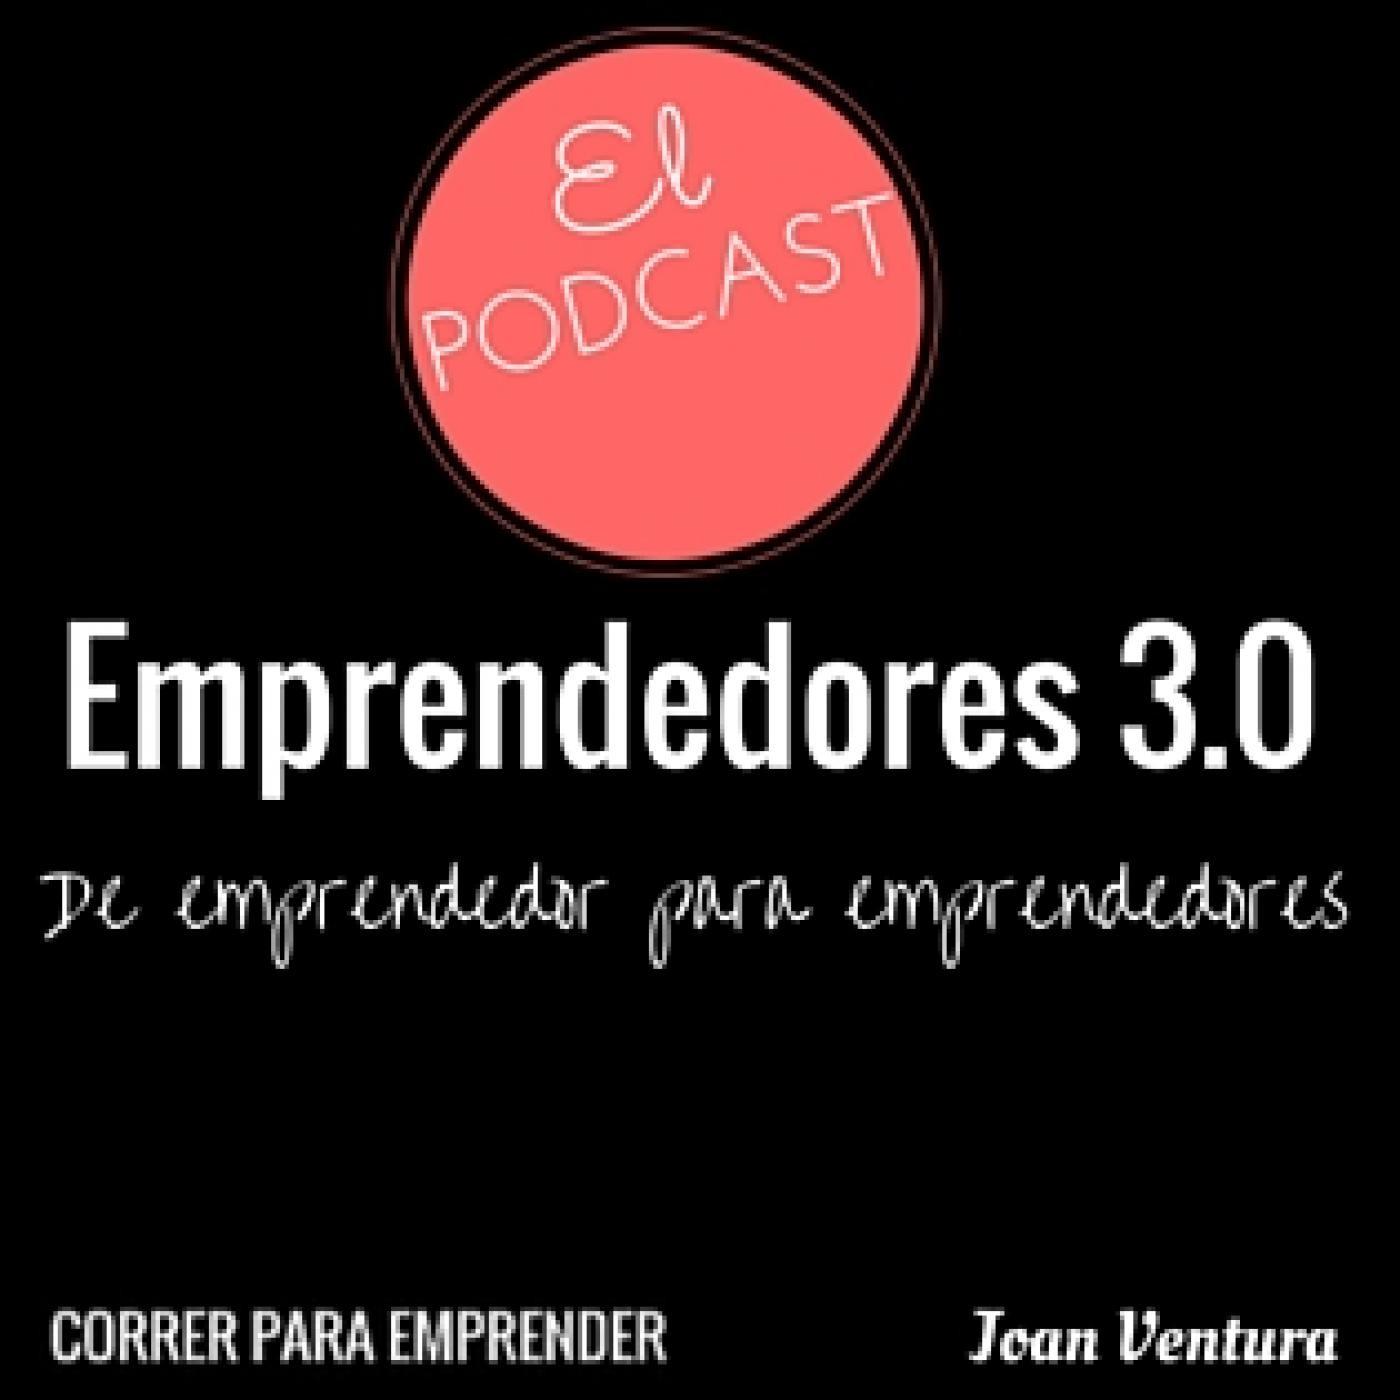 <![CDATA[Emprendedores 3.0]]>